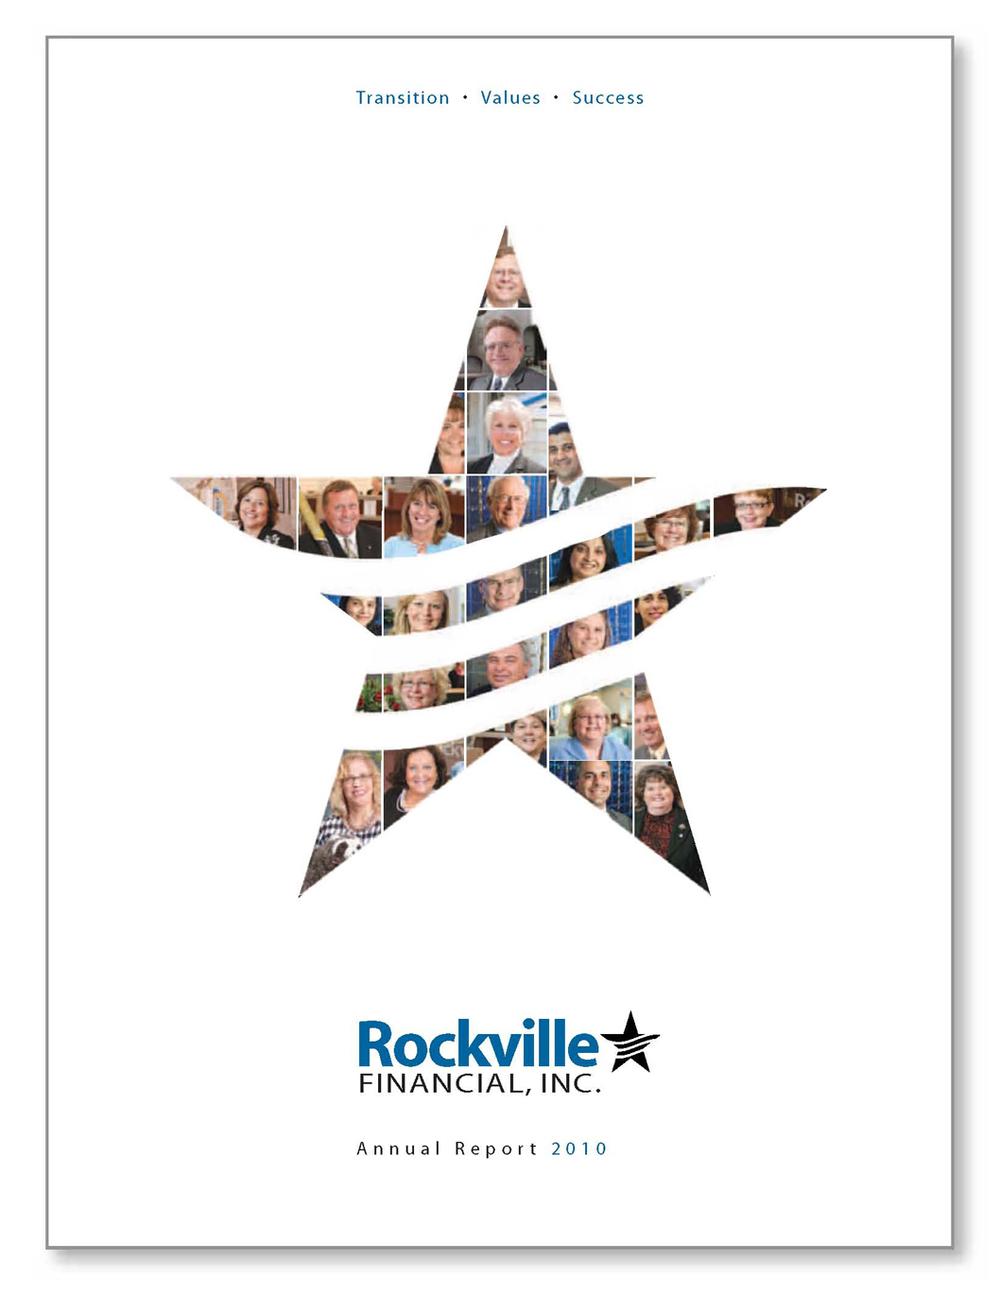 Rockvilleannualreport.jpg